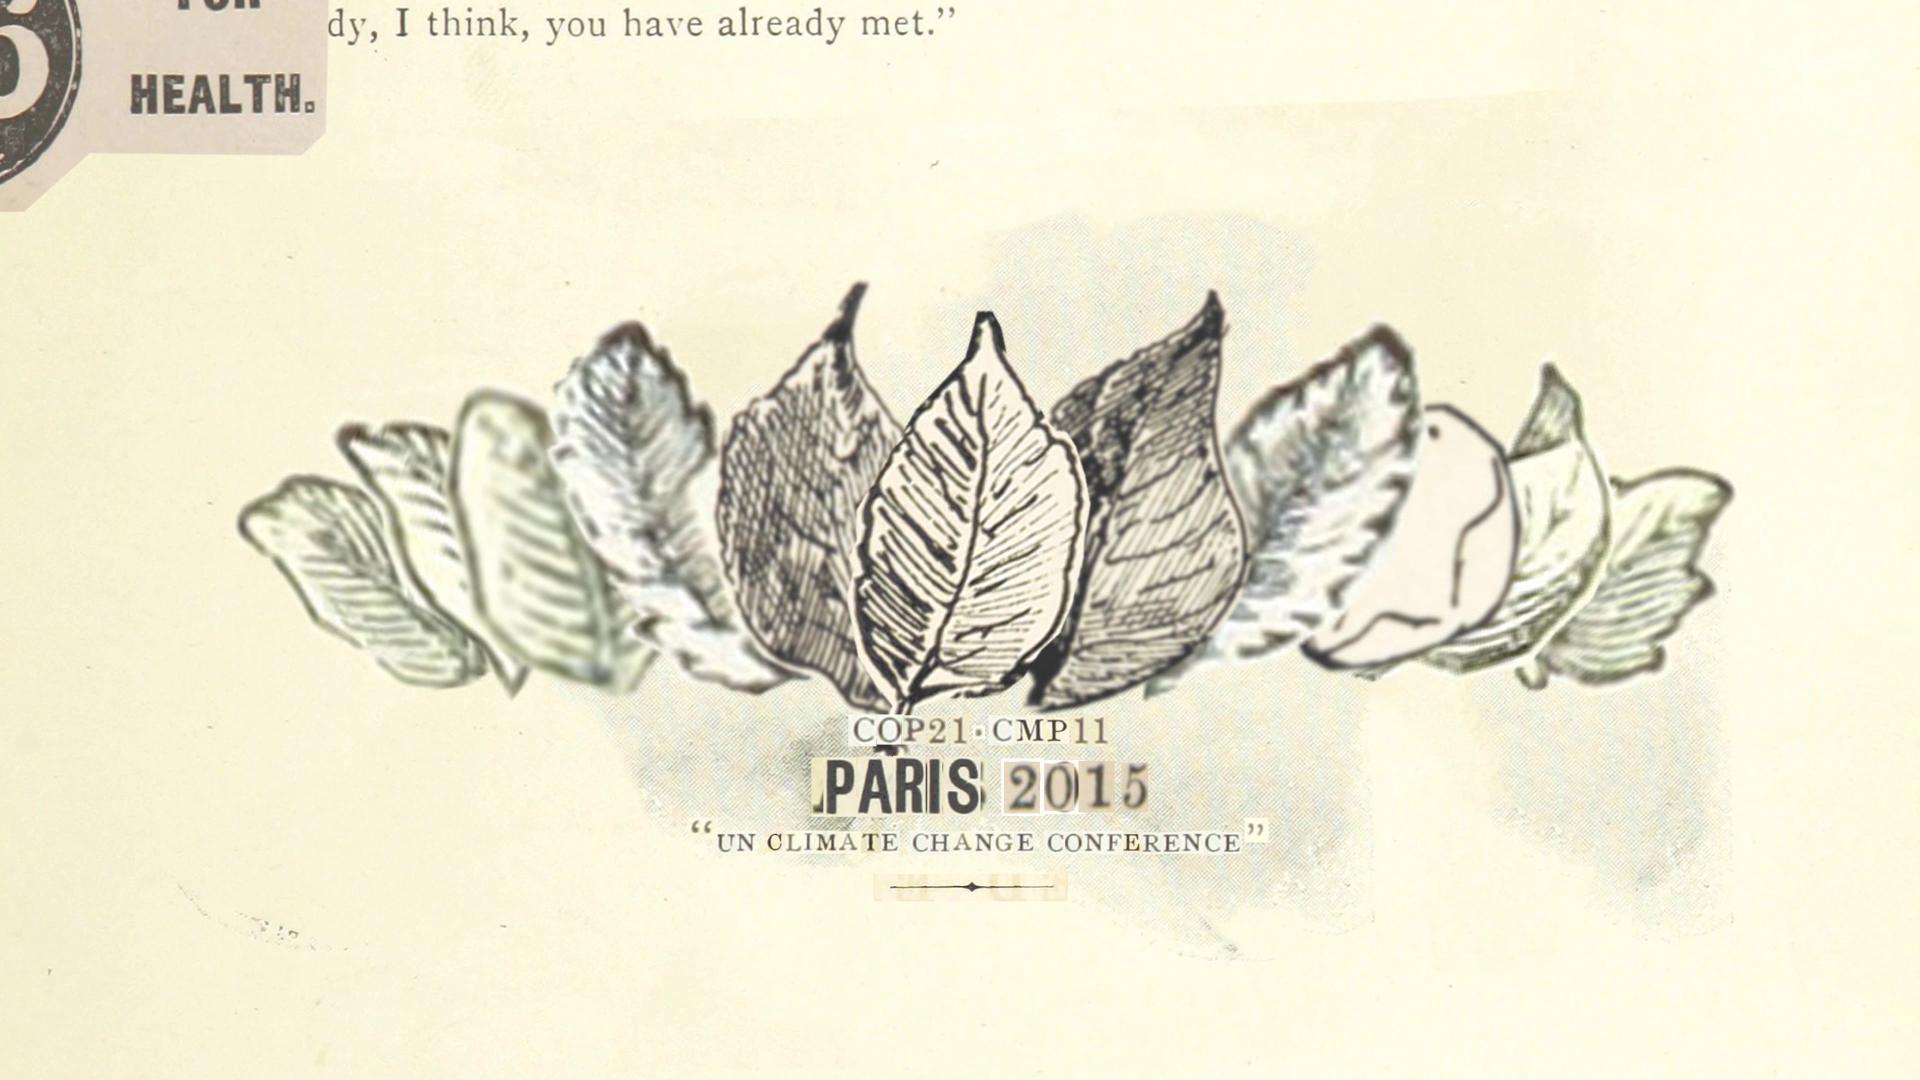 cop21 paris climate change conference title introduction illustration paper collage motion design